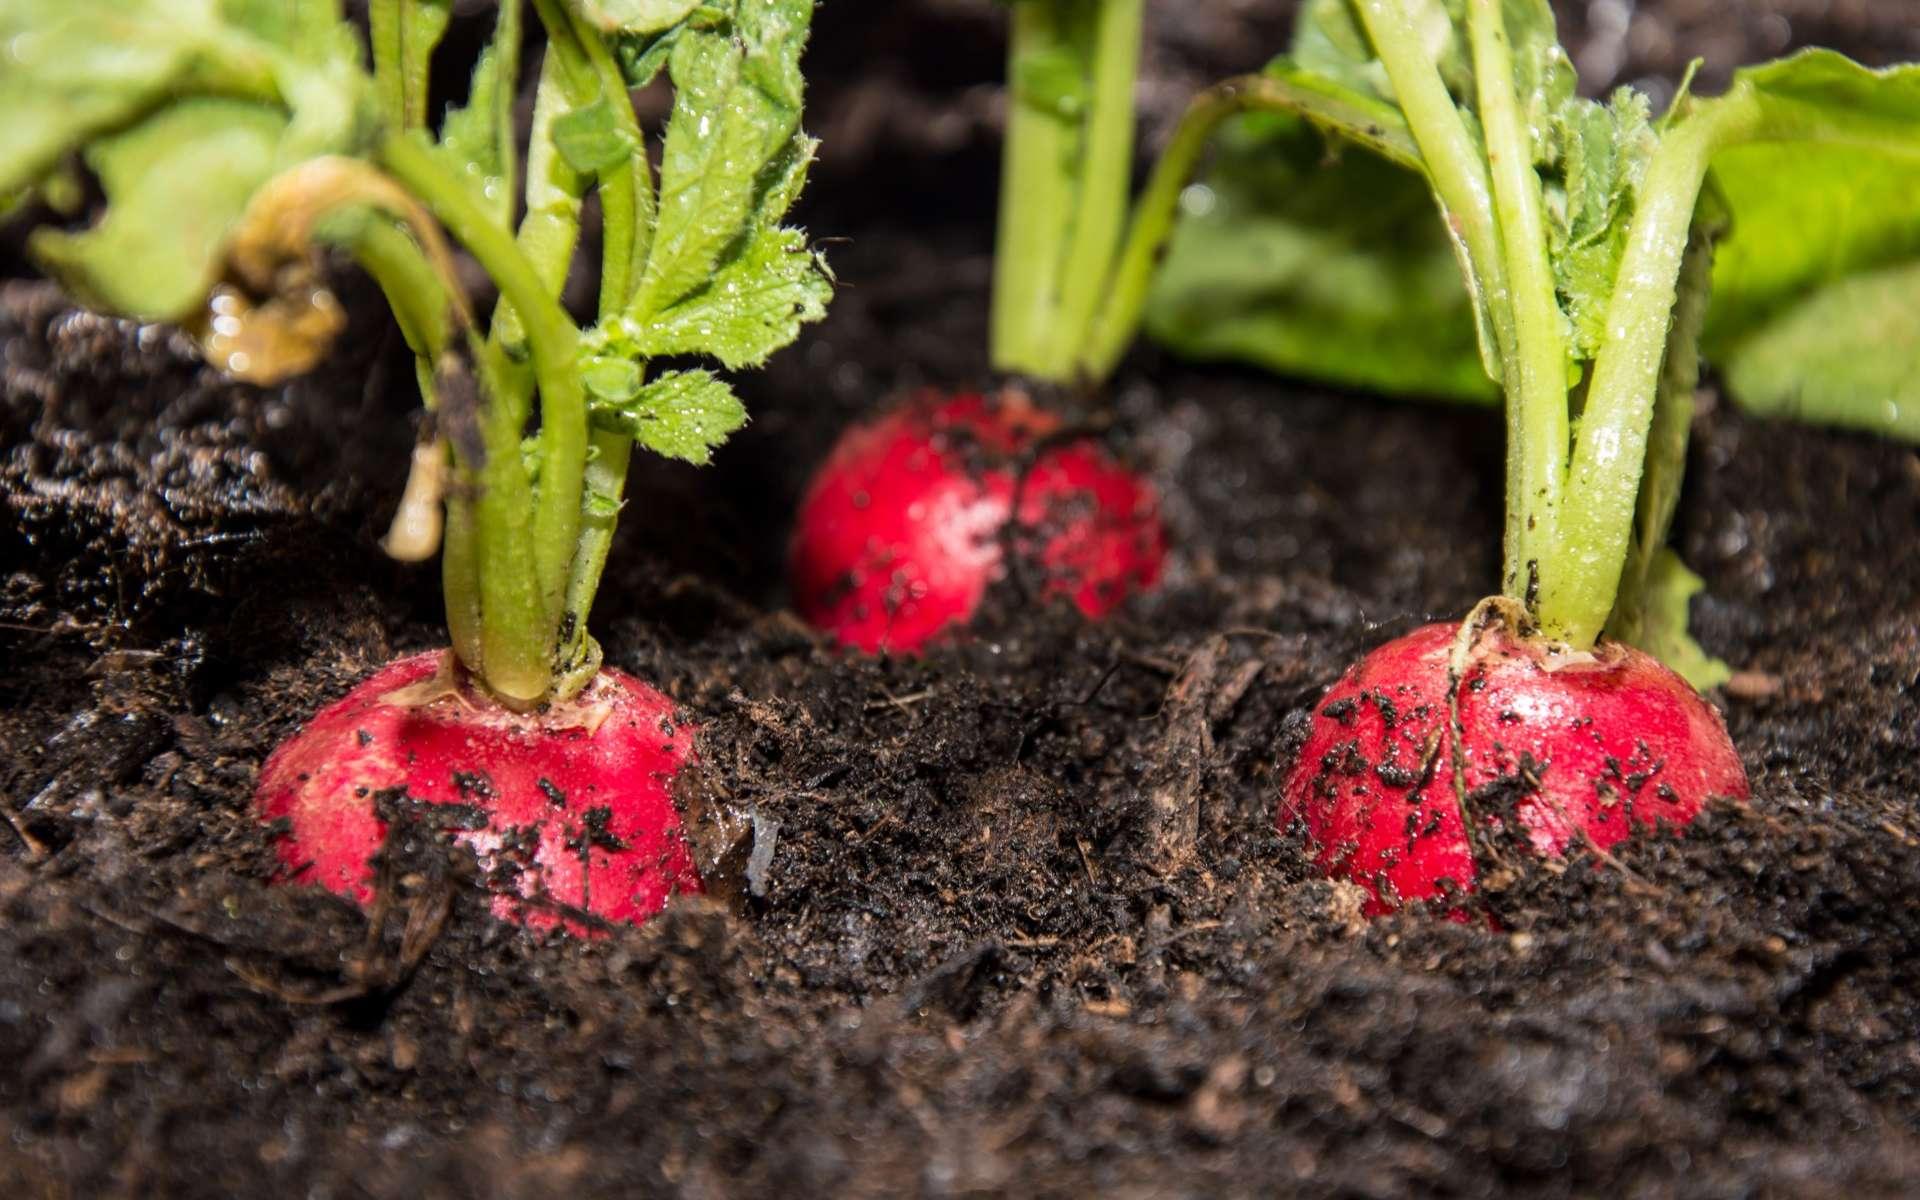 Geste 2 en 1 : la cueillette qui opère l'éclaircissage de jeunes radis. © HandmadePictures, Adobe Stock